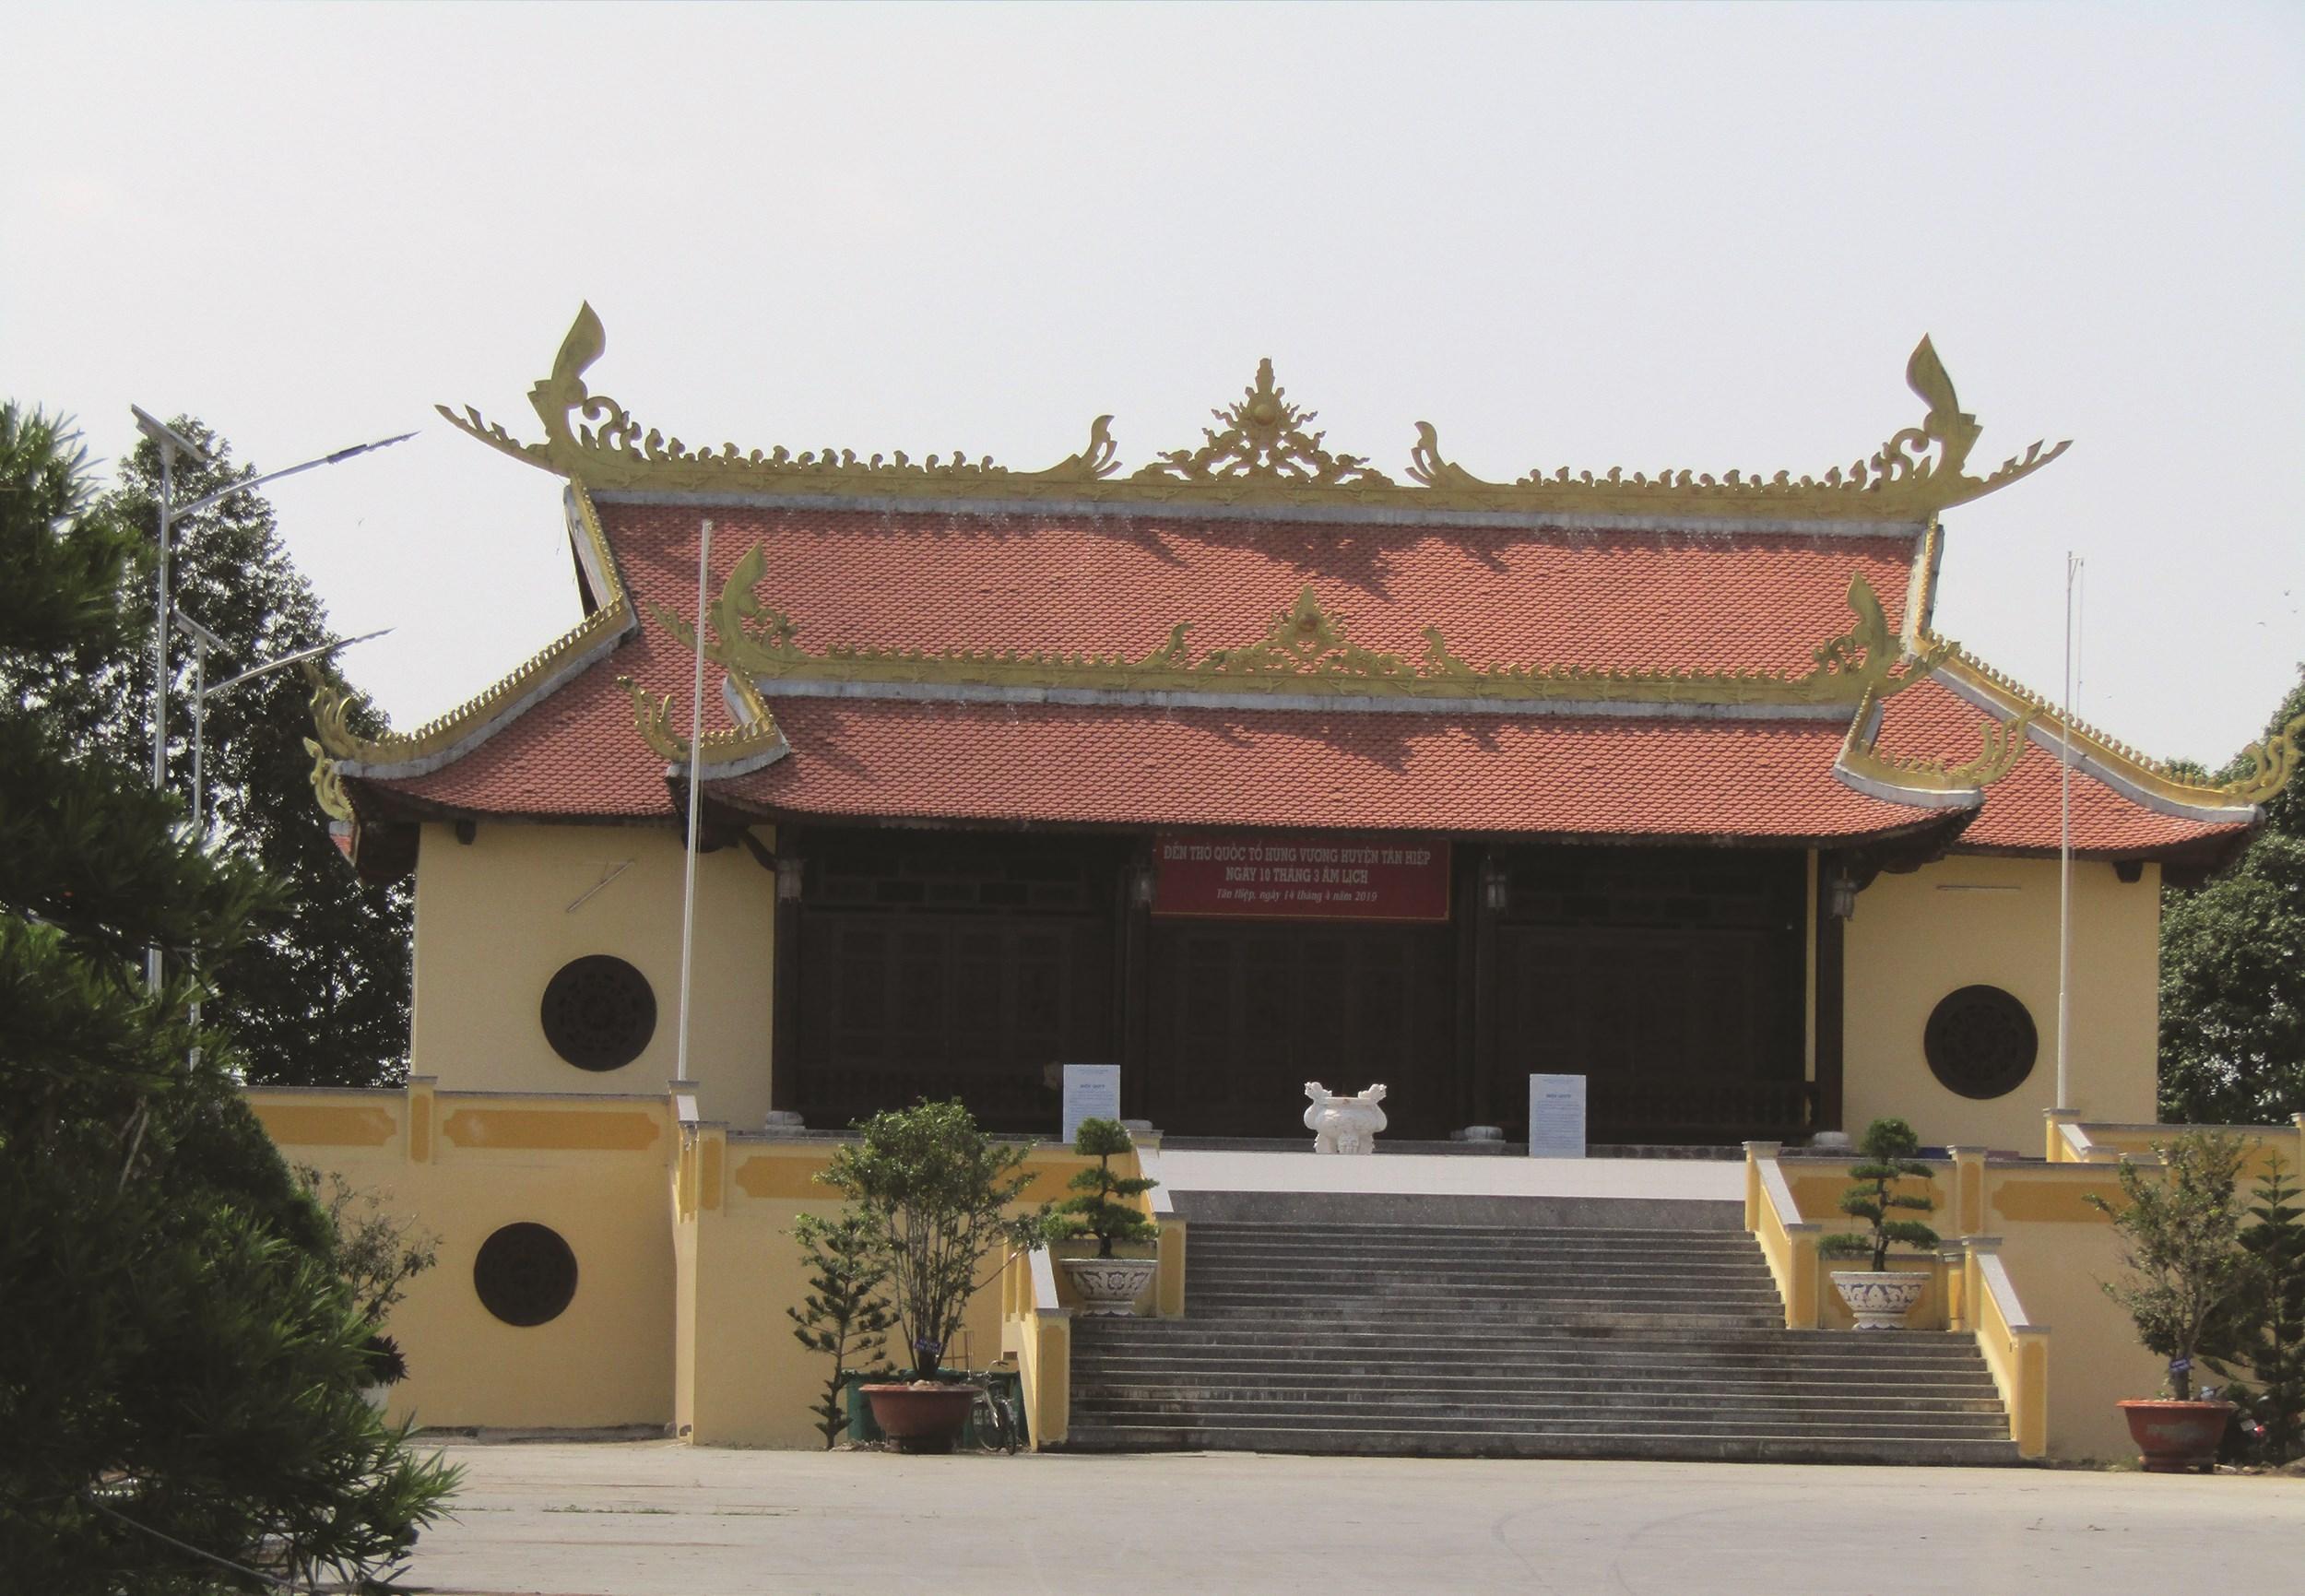 Đền thờ Vua Hùng thị trấn Tân Hiệp, huyện Tân Hiệp, Kiên Giang